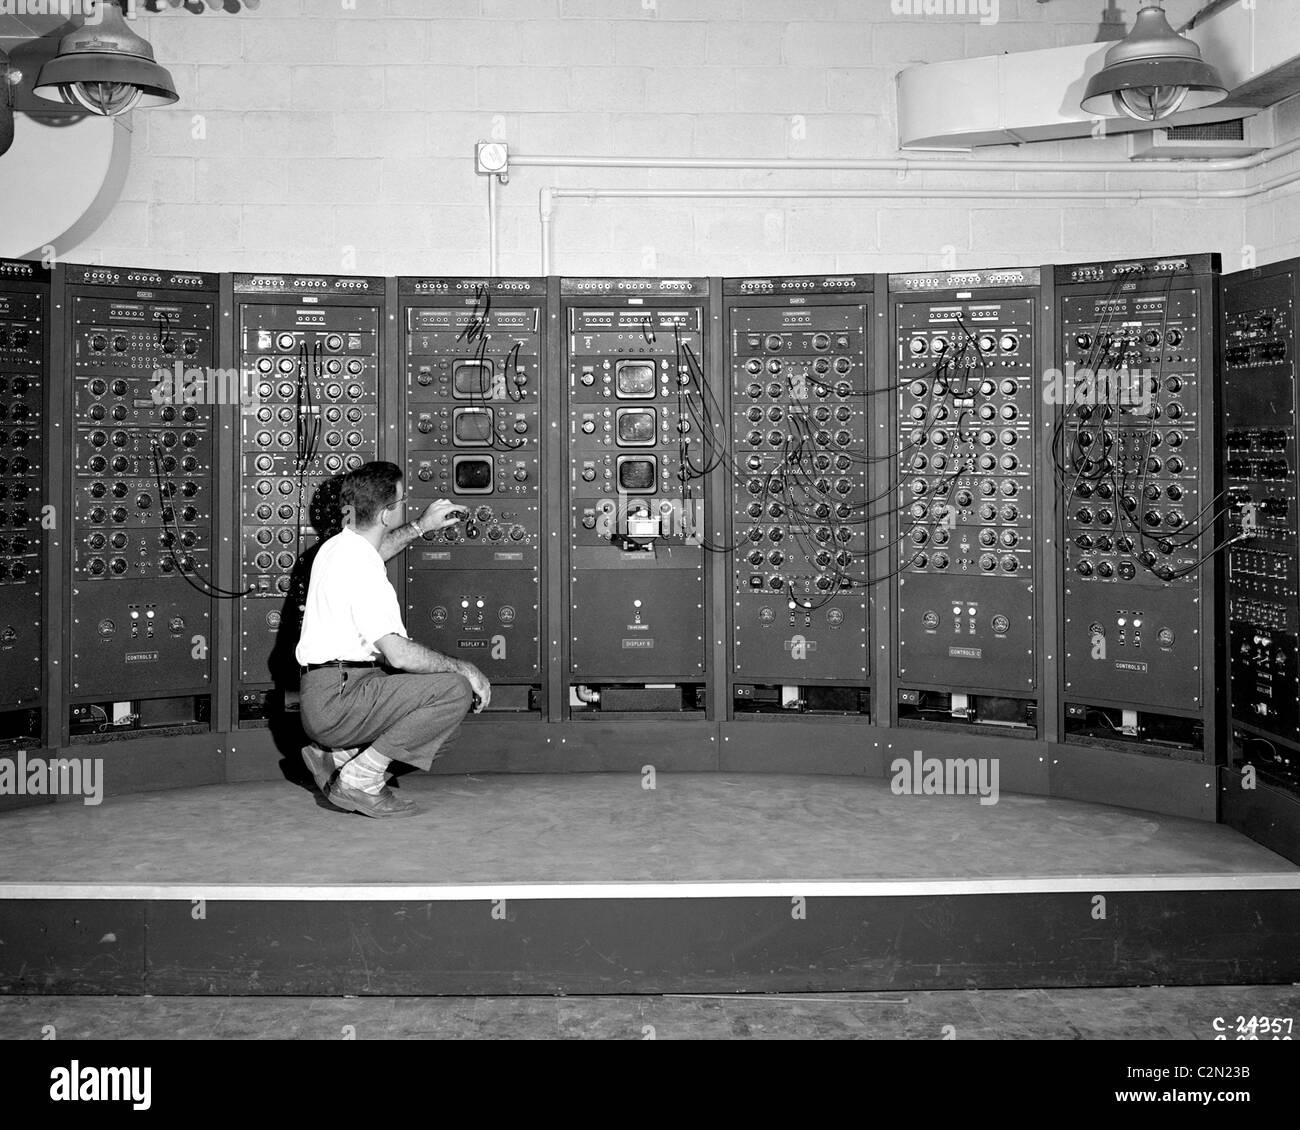 Máquina de computación analógica, una versión temprana de la computadora moderna. Imagen De Stock